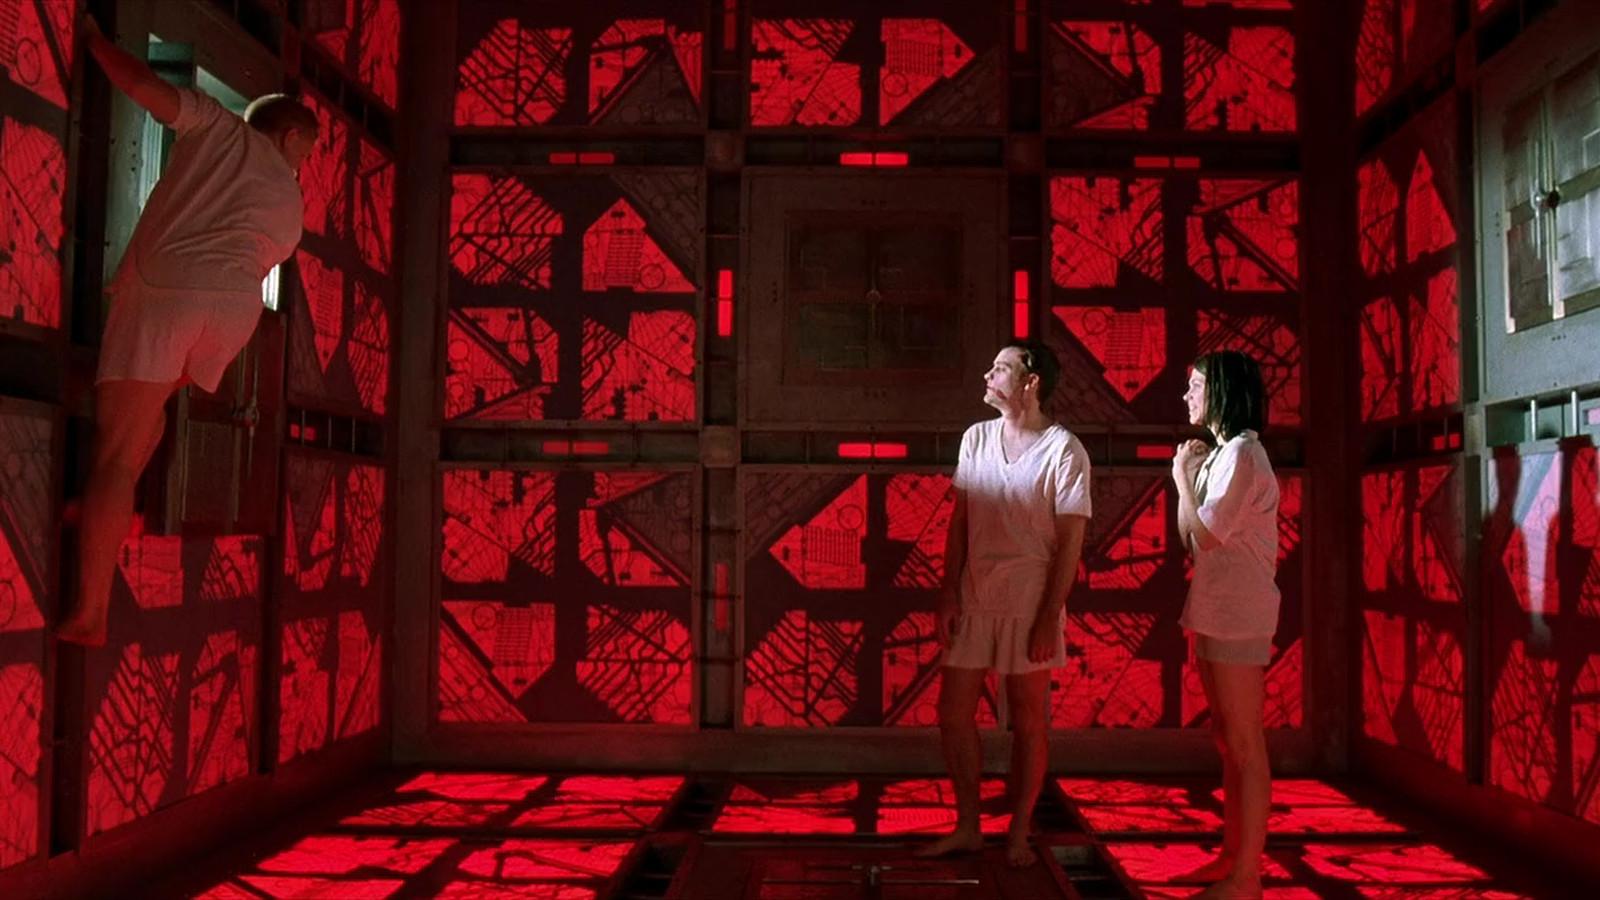 The Cube Film